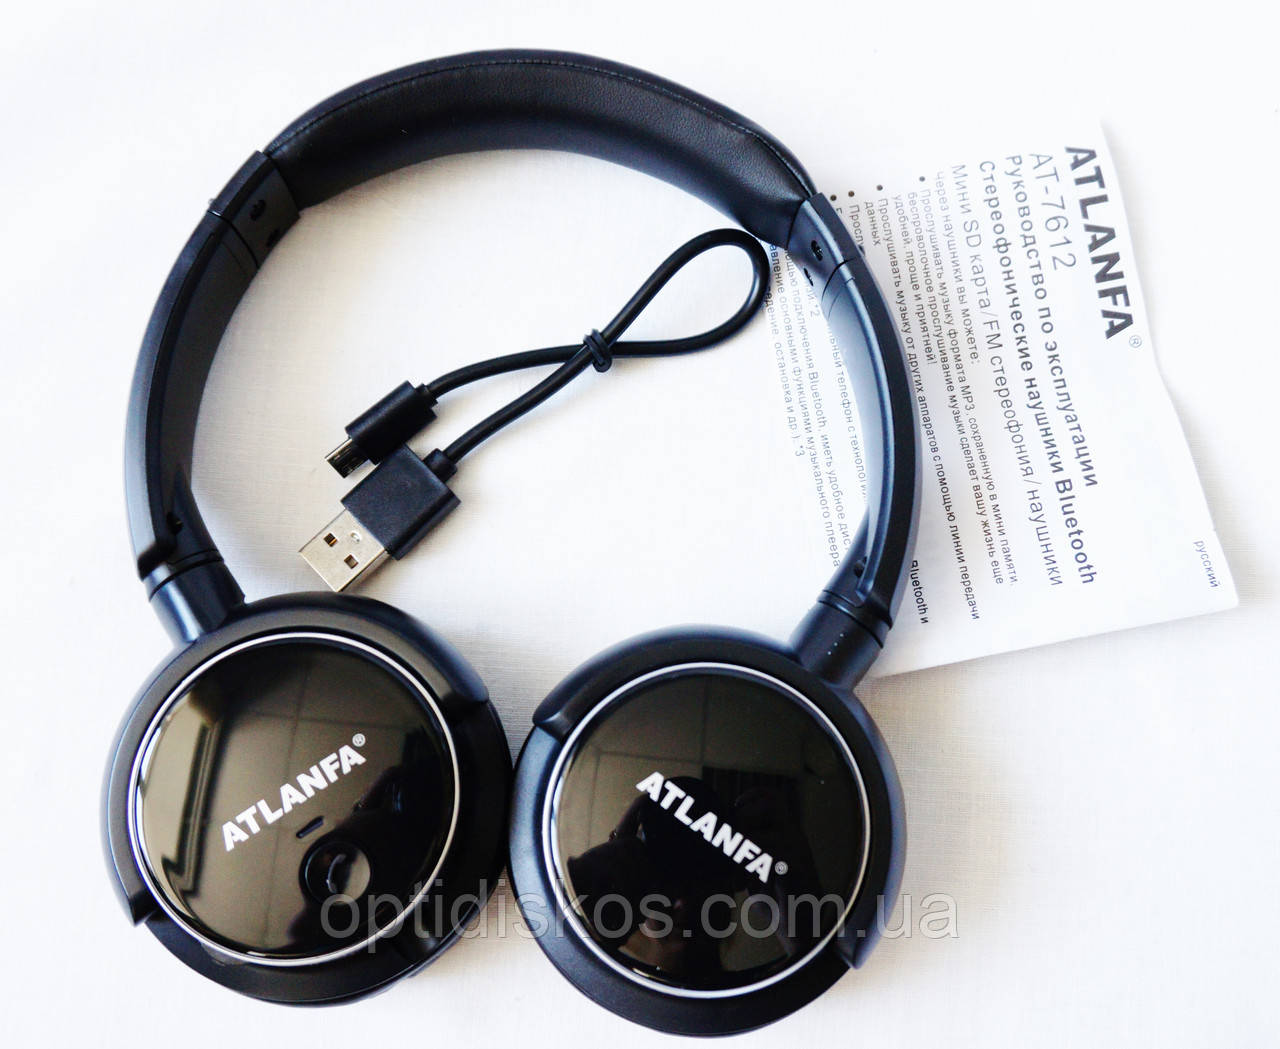 беспроводные Bluetooth наушники Atlanfa At 7612 Fm Mp3 плеер